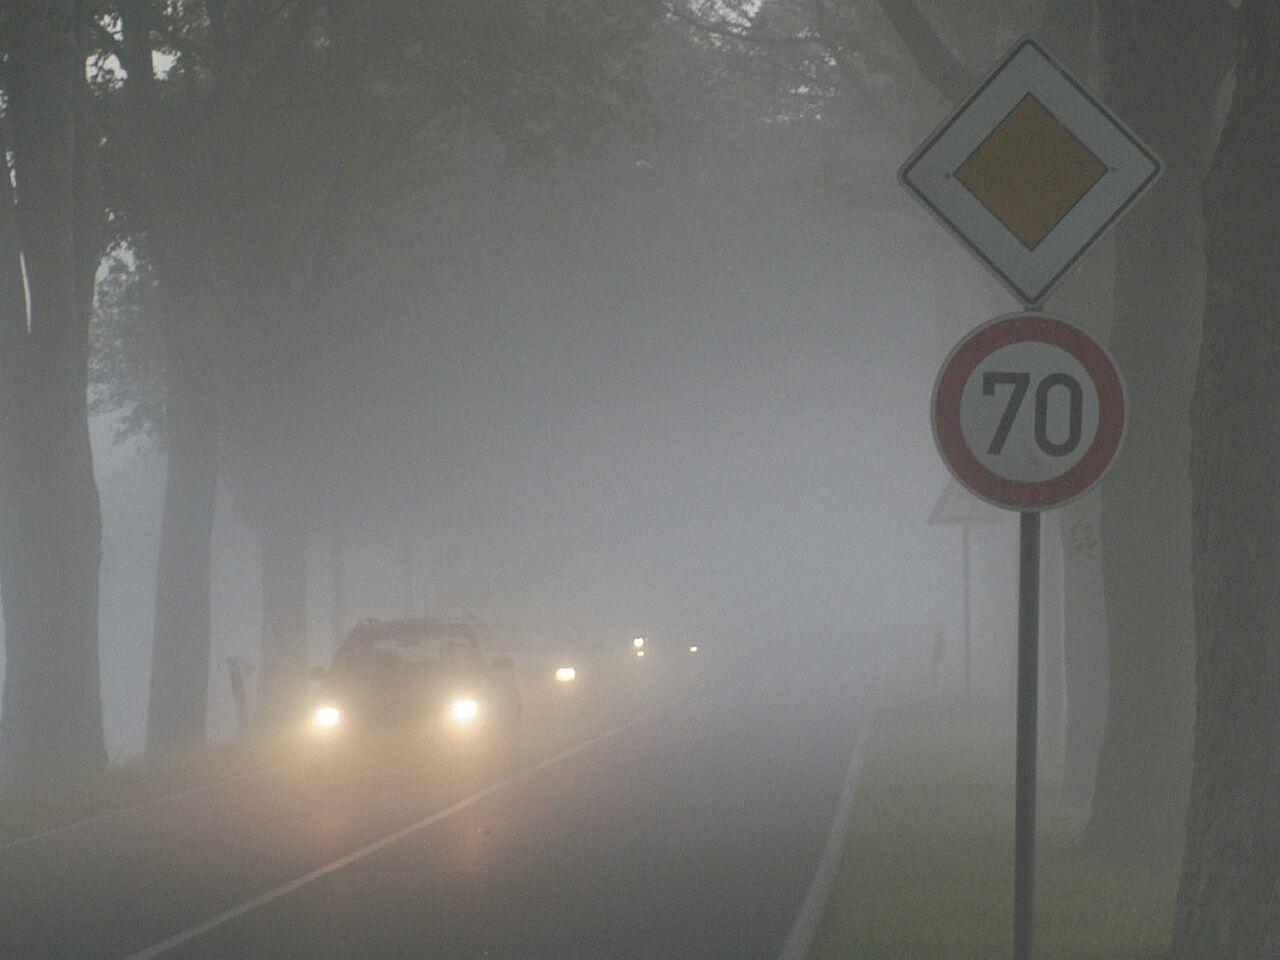 Bild zu Autofahren im Herbst - So reagieren Sie richtig auf Nässe, Nebel und Wildwechsel